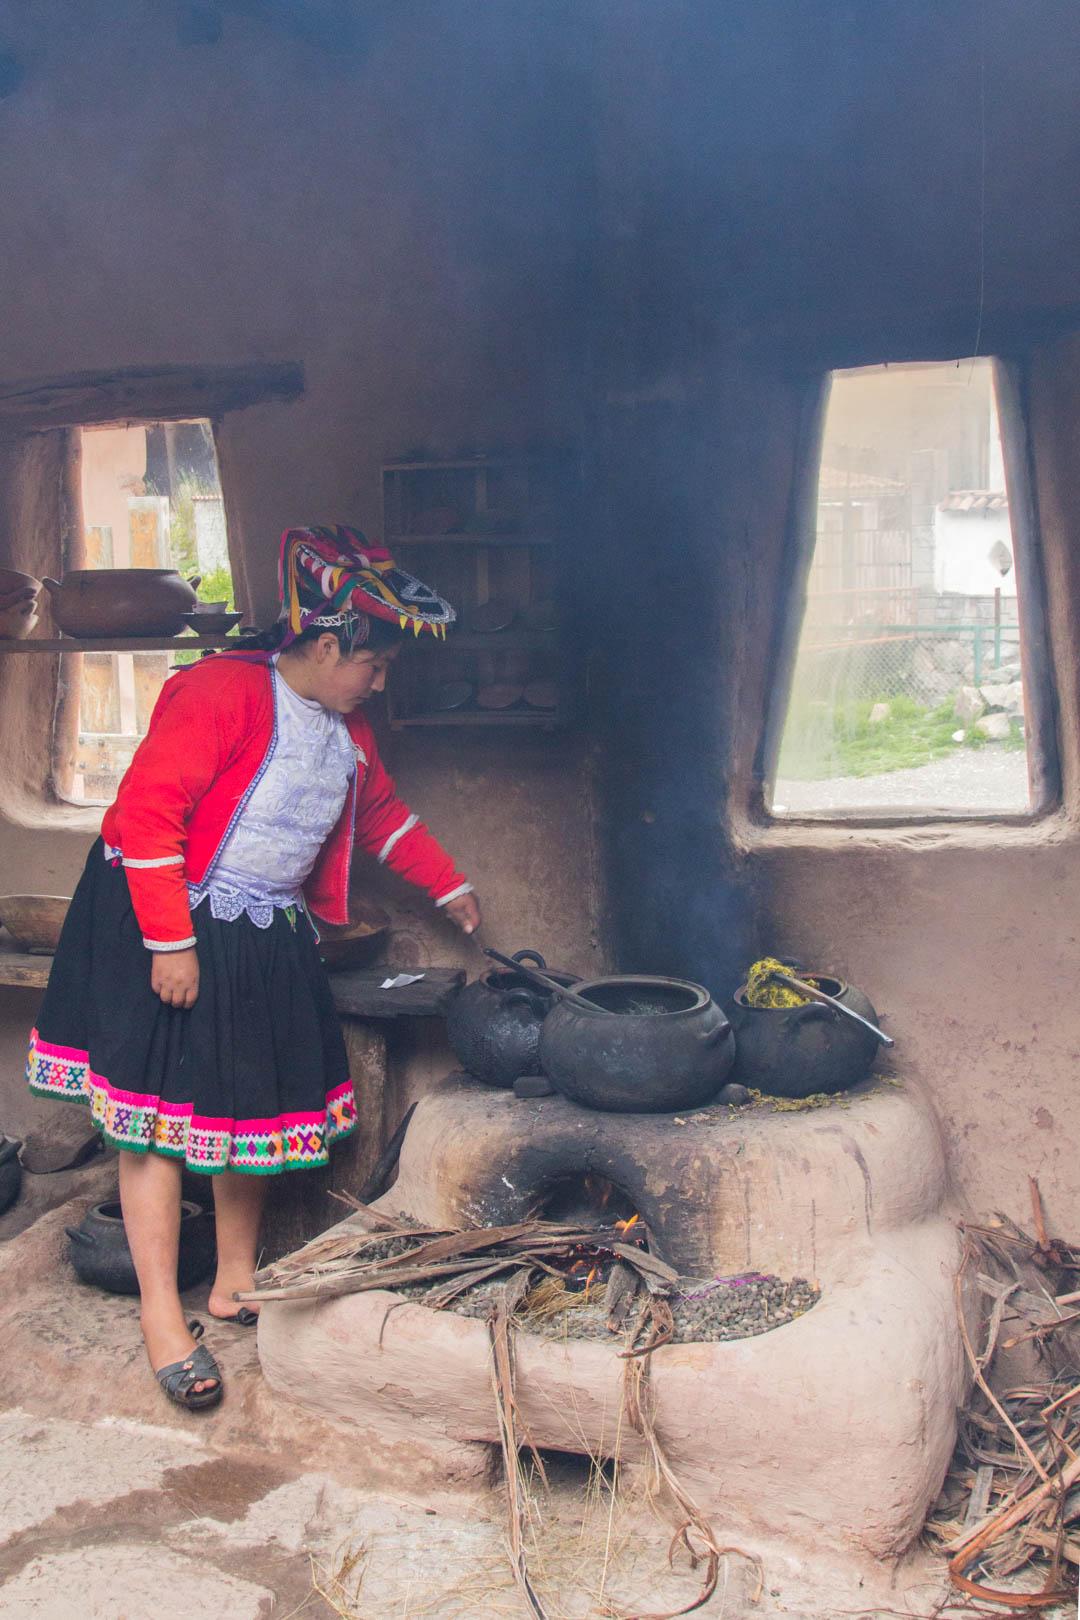 alpakkalankojen värjäystä Perussa lähellä Cuzcoa